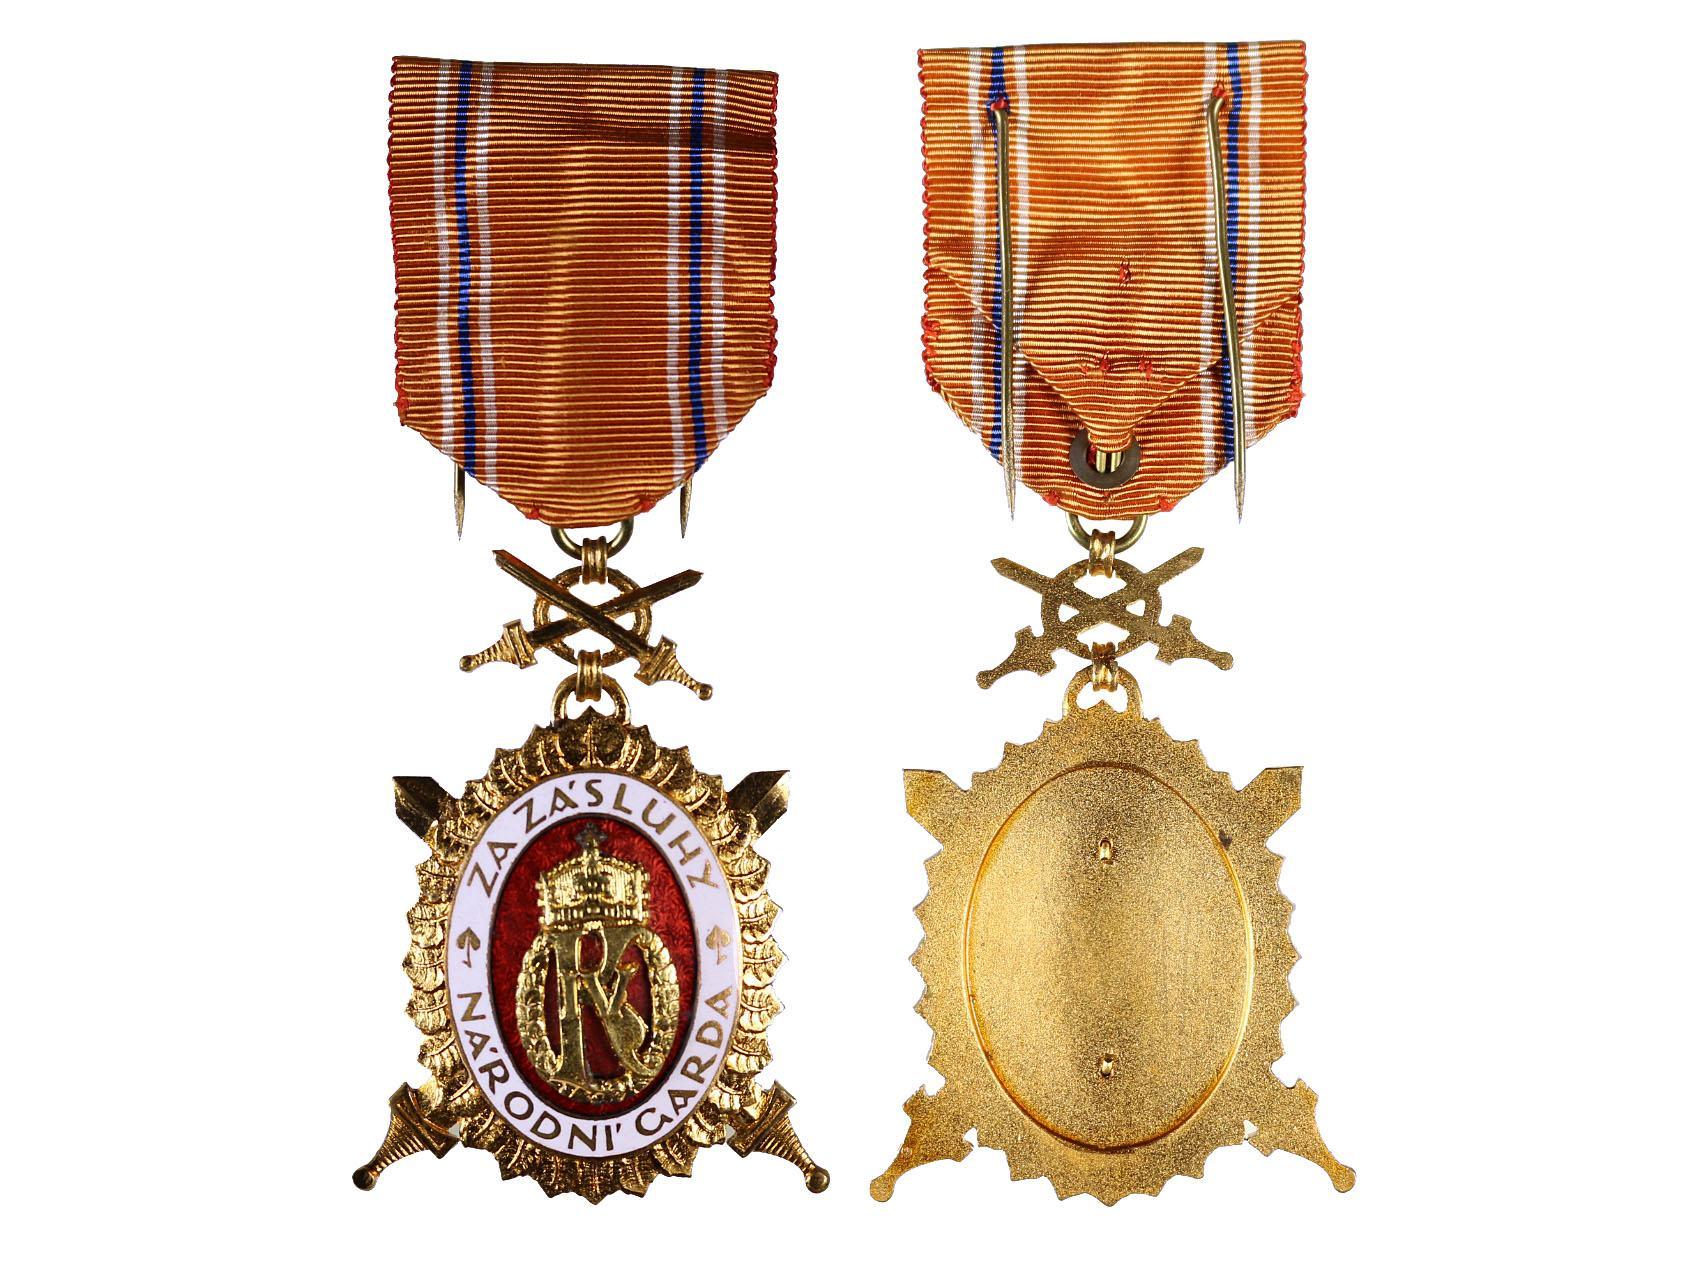 Diplomový čestný odznak krále Karla IV., II. stupeň, 1. třída, typ 1937-1939, N93A